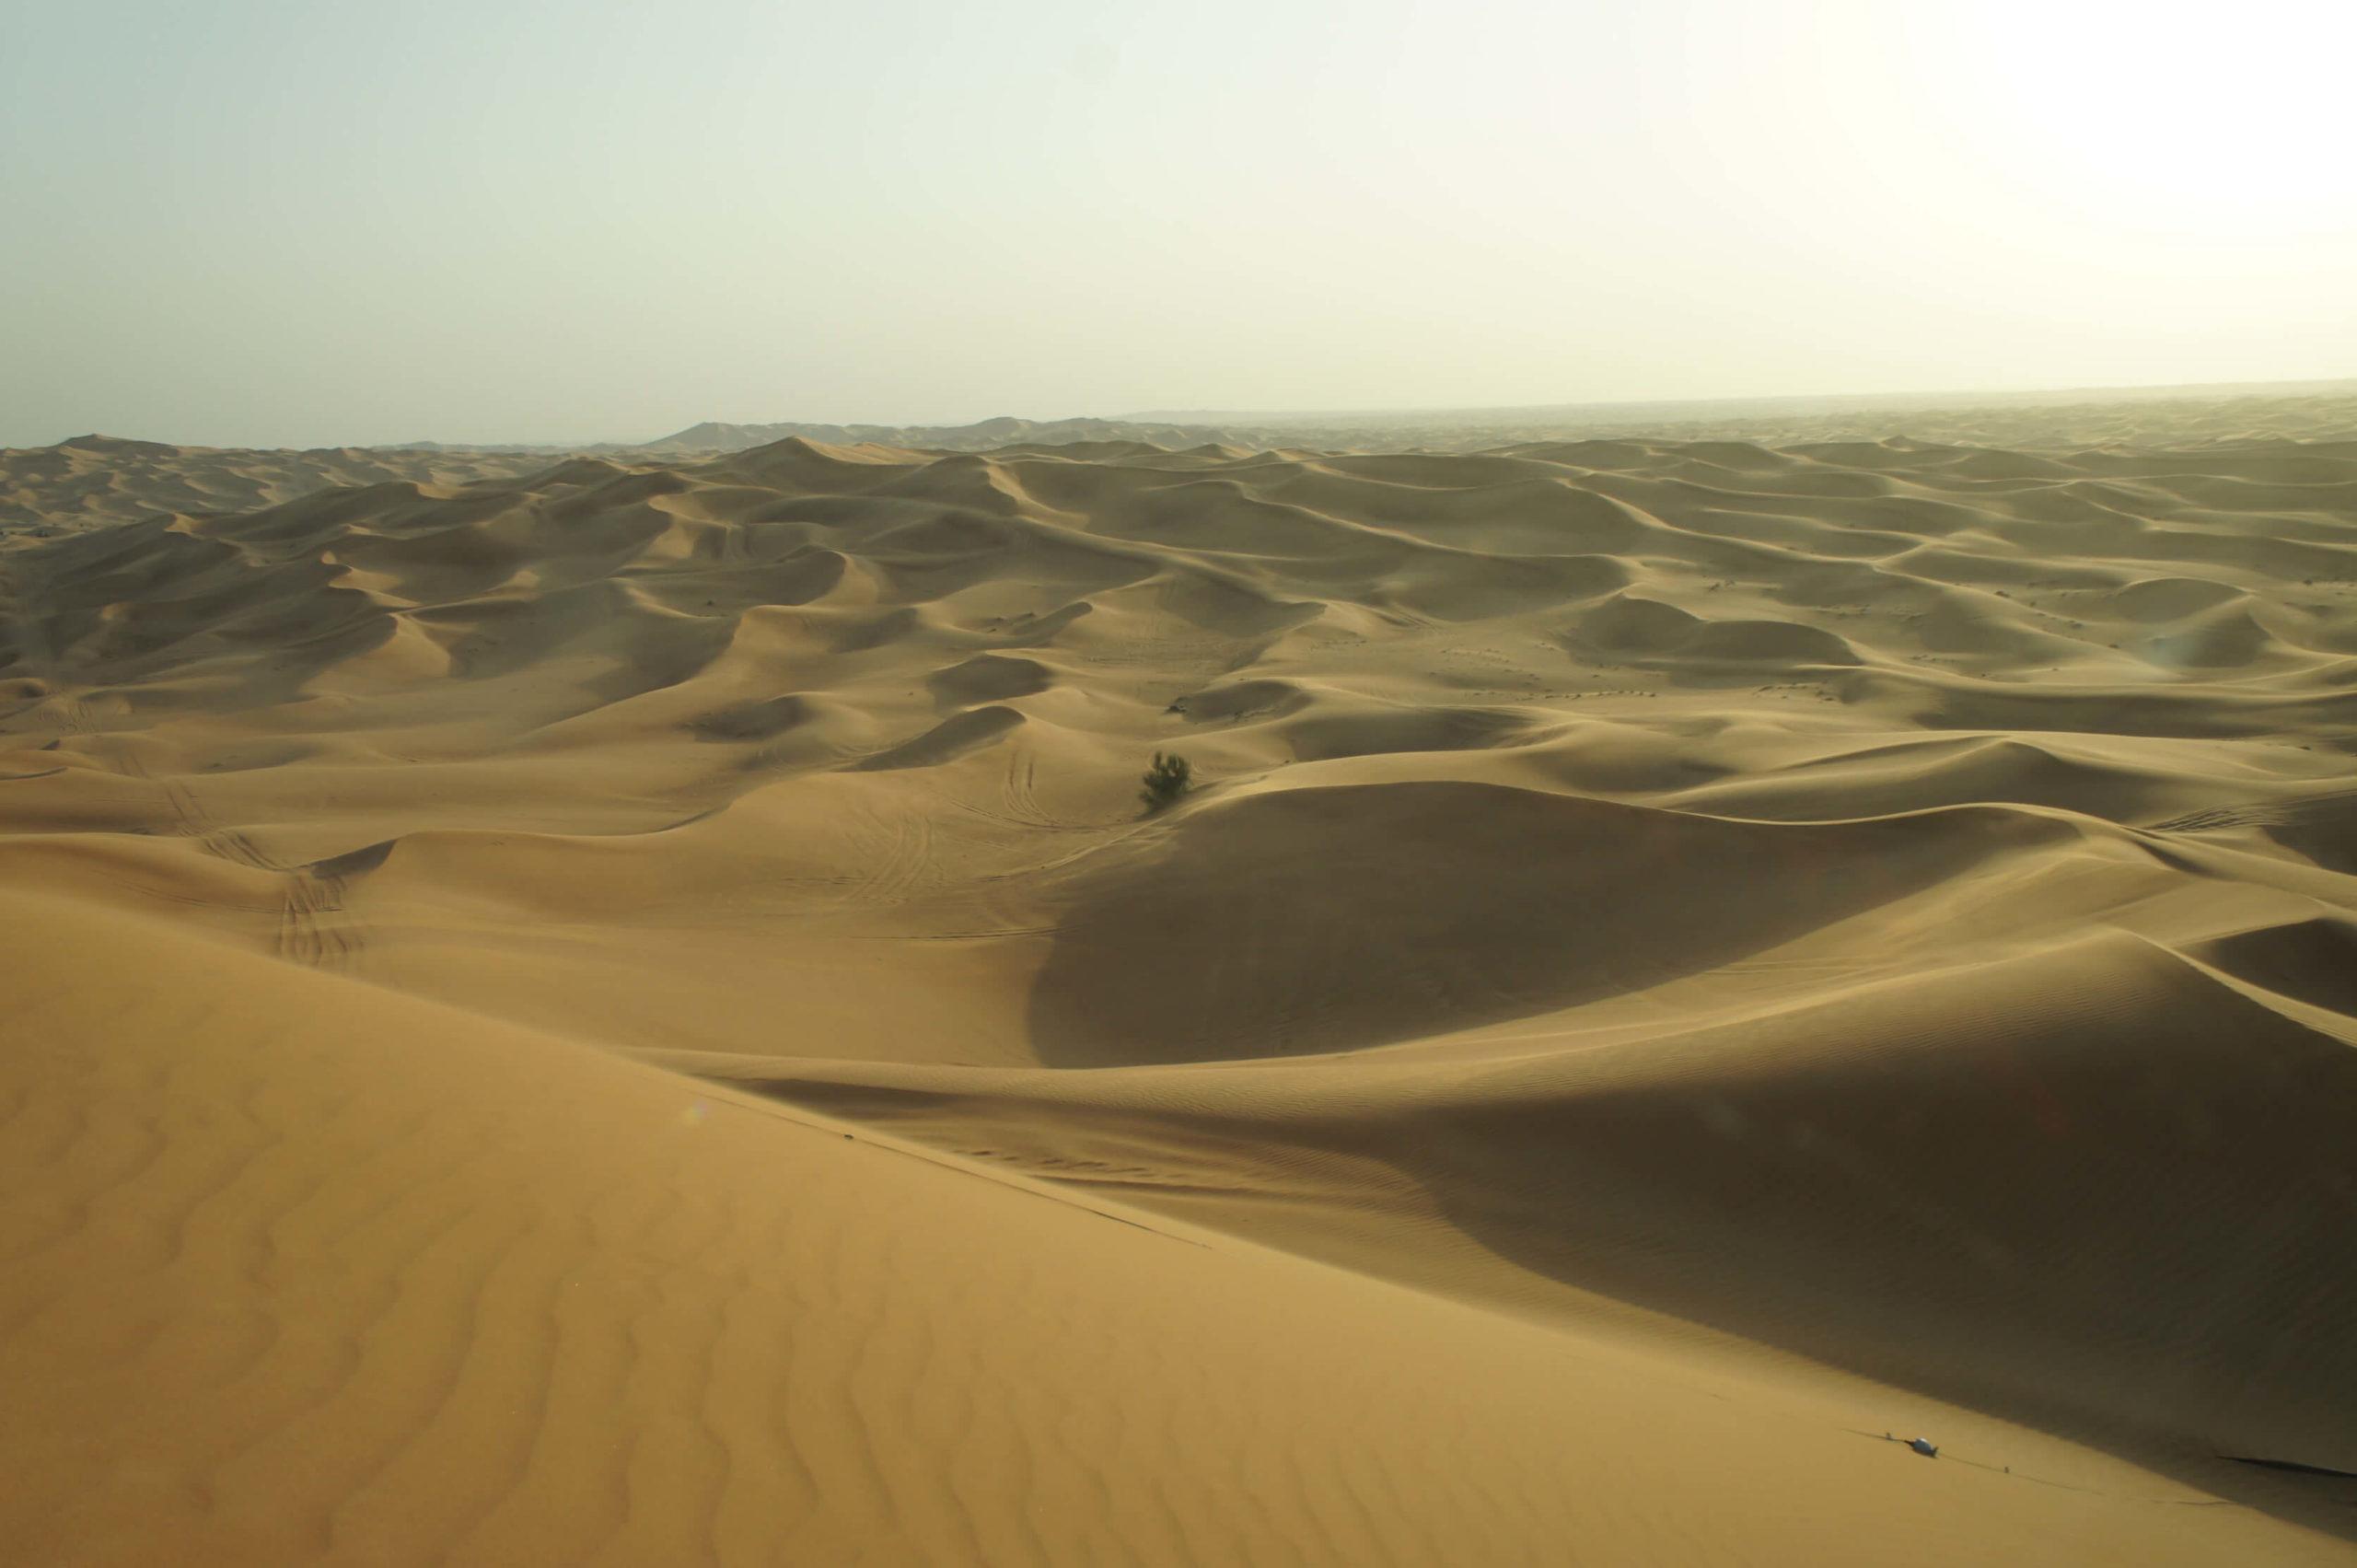 Sharjah – UAE